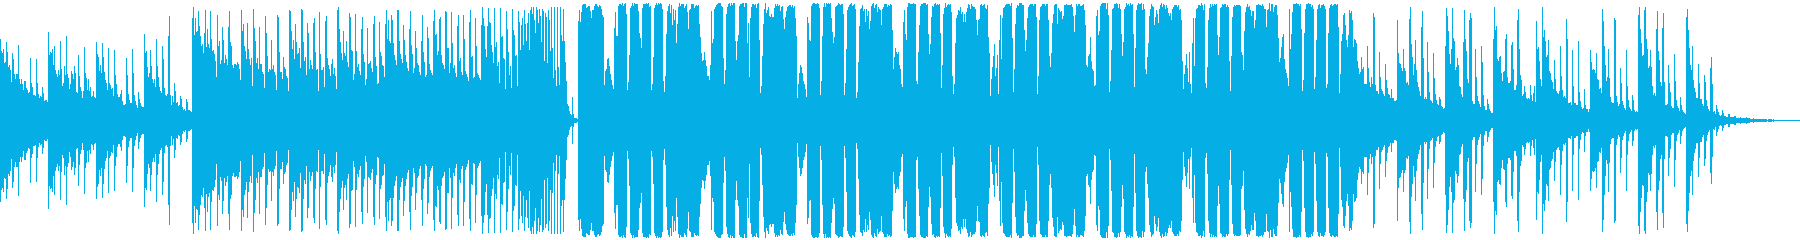 人気のある電子機器 未来 ベース ...の再生済みの波形